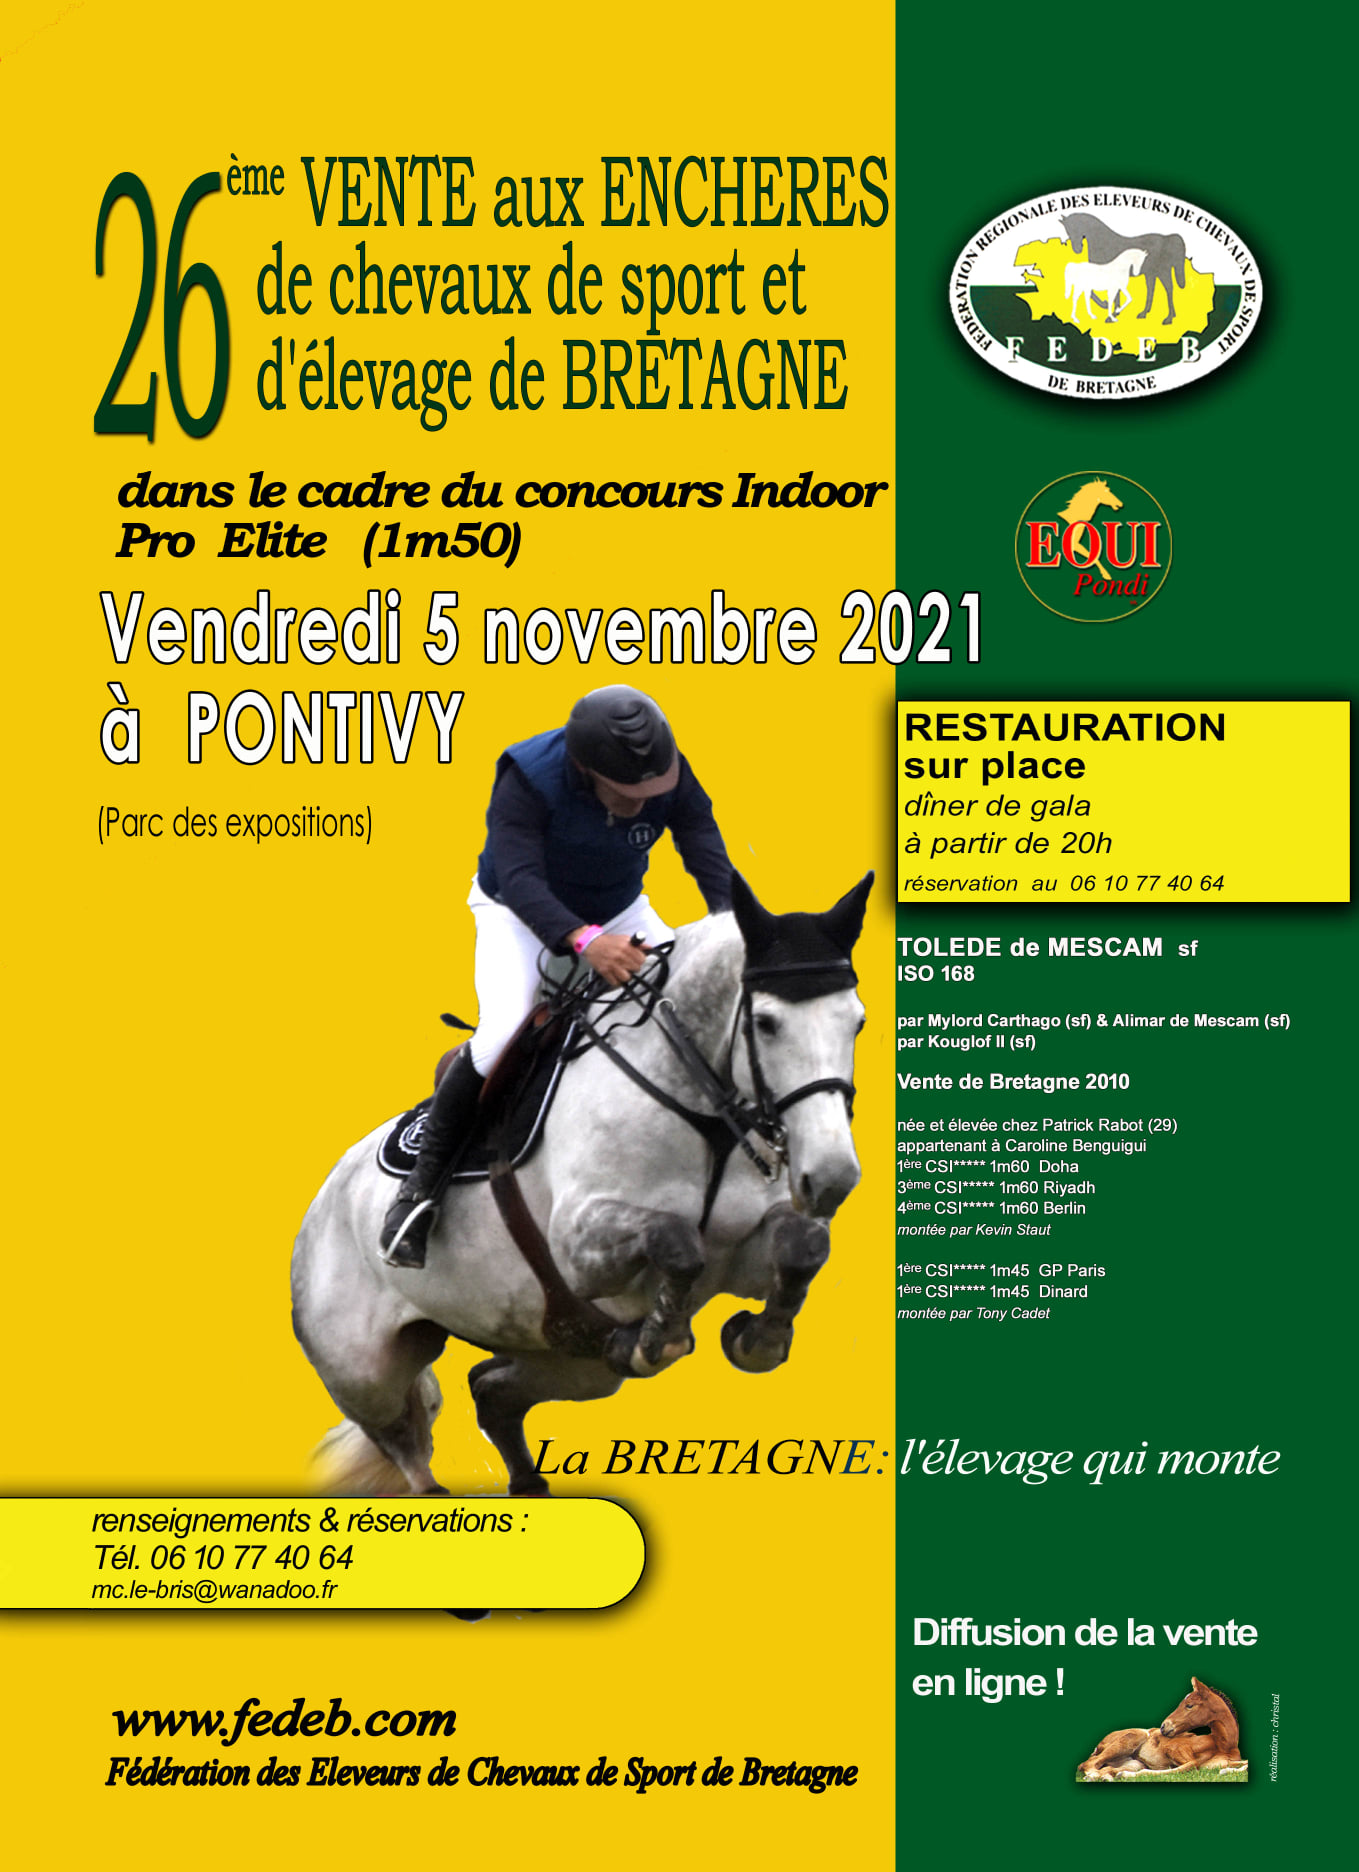 CSO - Pro Elite Amateur Prépa & 26ème vente de chevaux de sport de Bretagne - Pontivy (56)